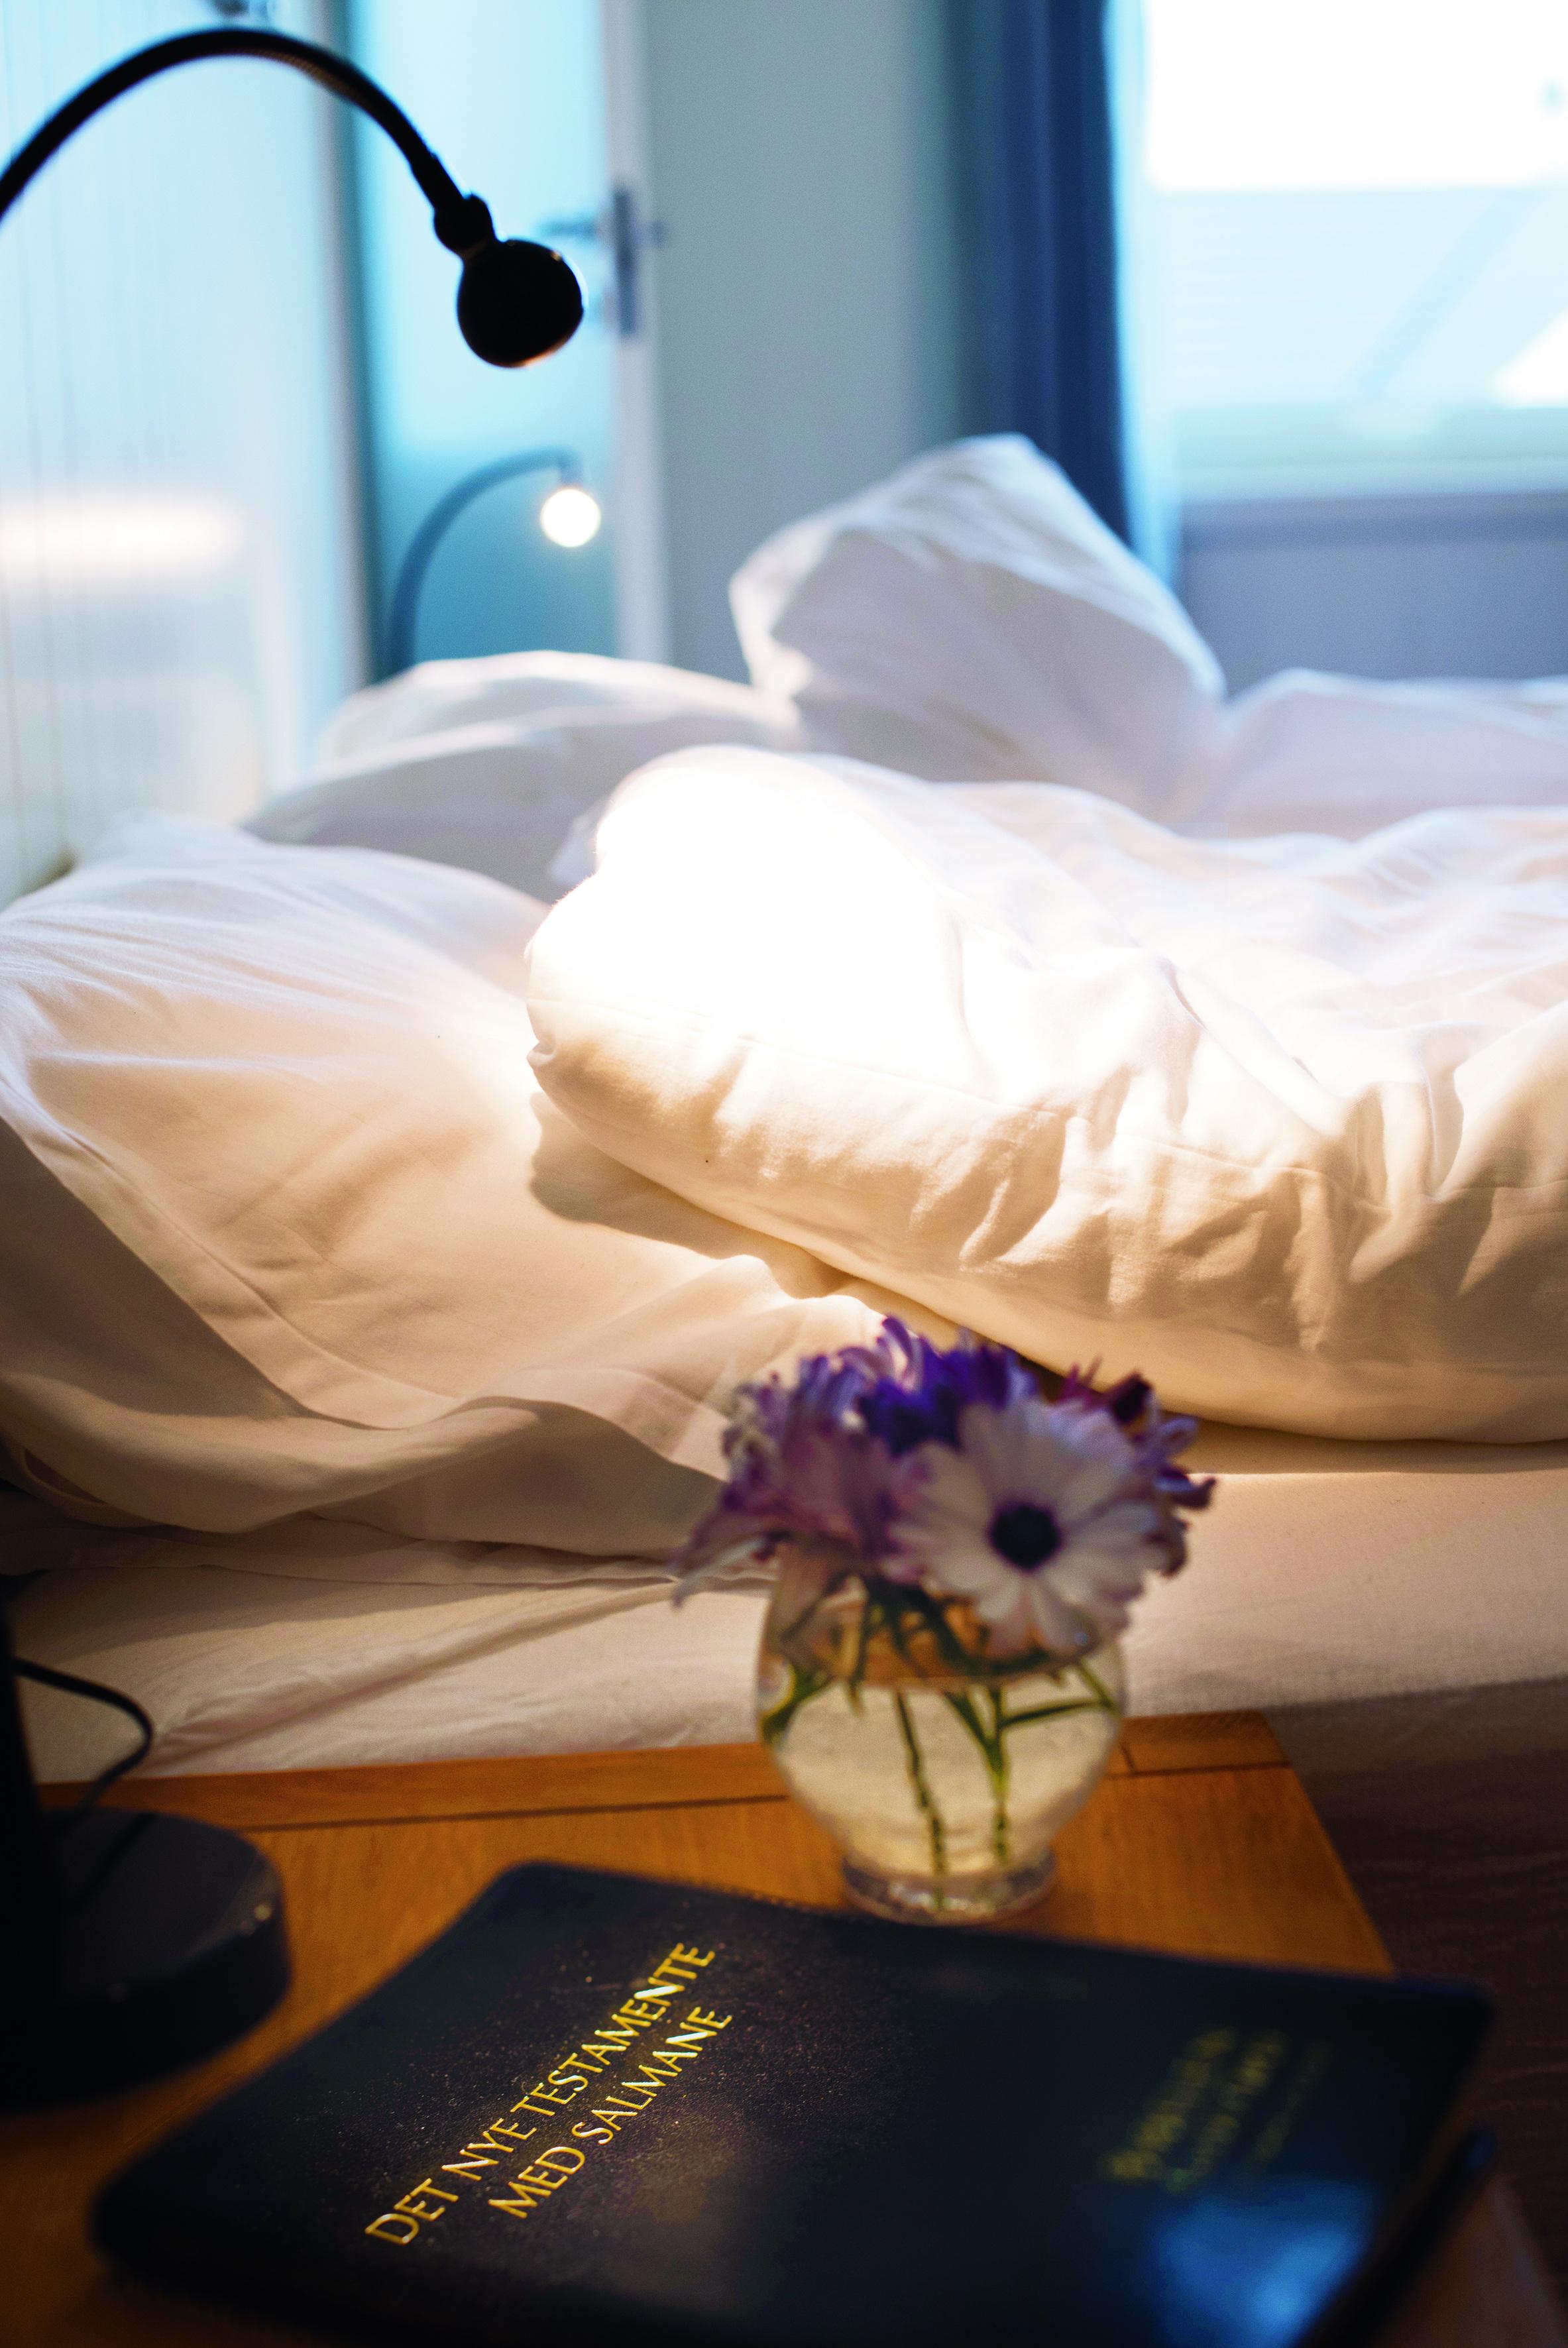 Utsyn_hotell_029.jpg